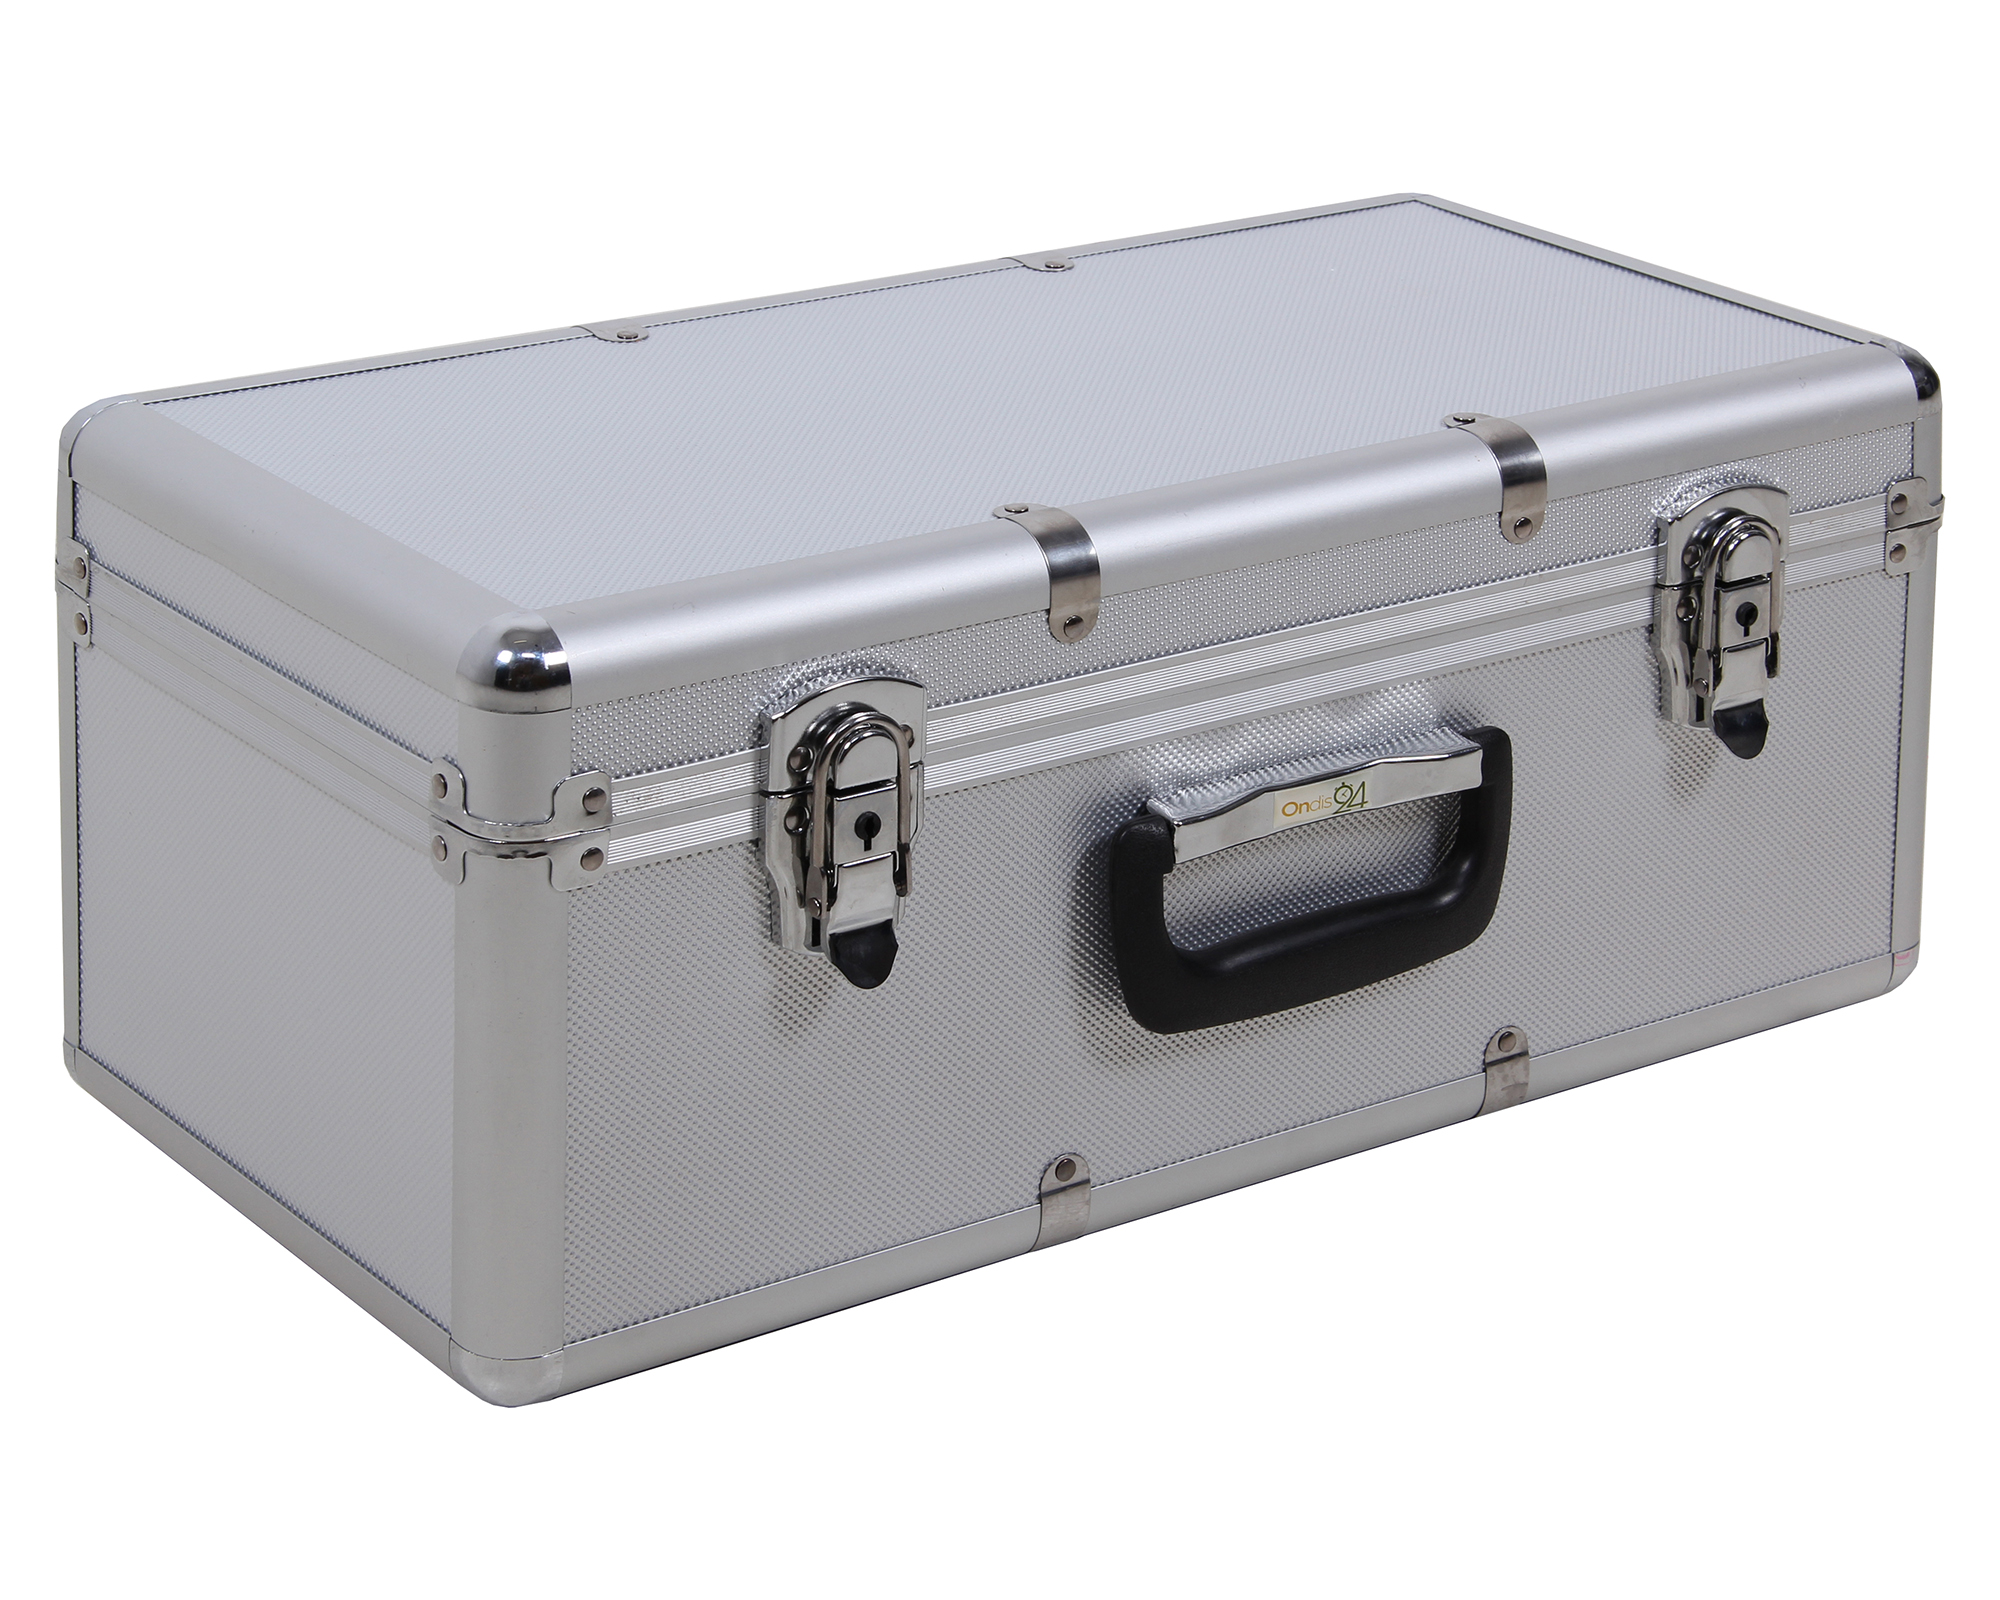 ondis24 aufbewahrungskoffer alukoffer silber xs g nstig online kaufen. Black Bedroom Furniture Sets. Home Design Ideas